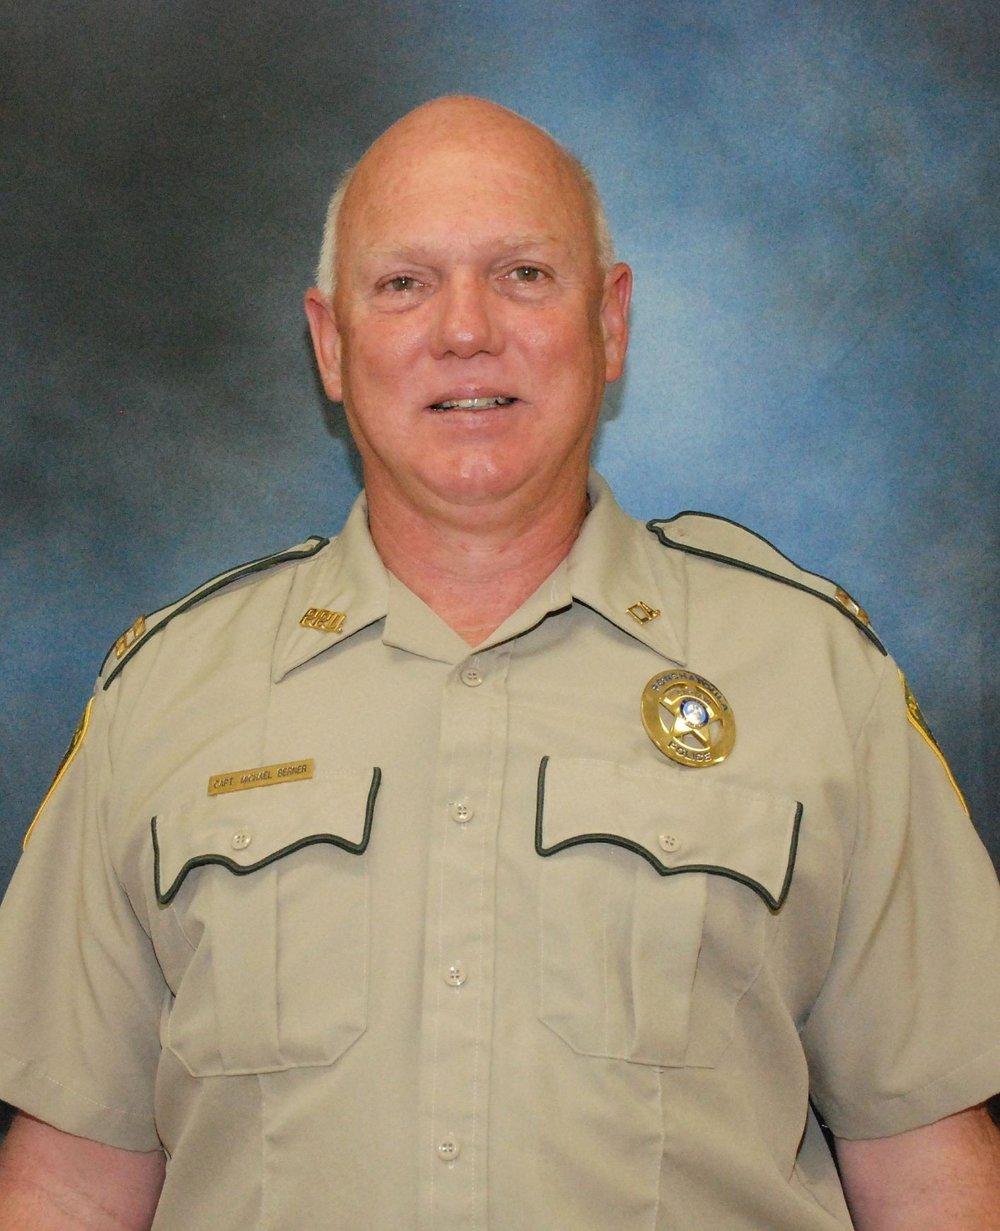 Capt. Mike Berner